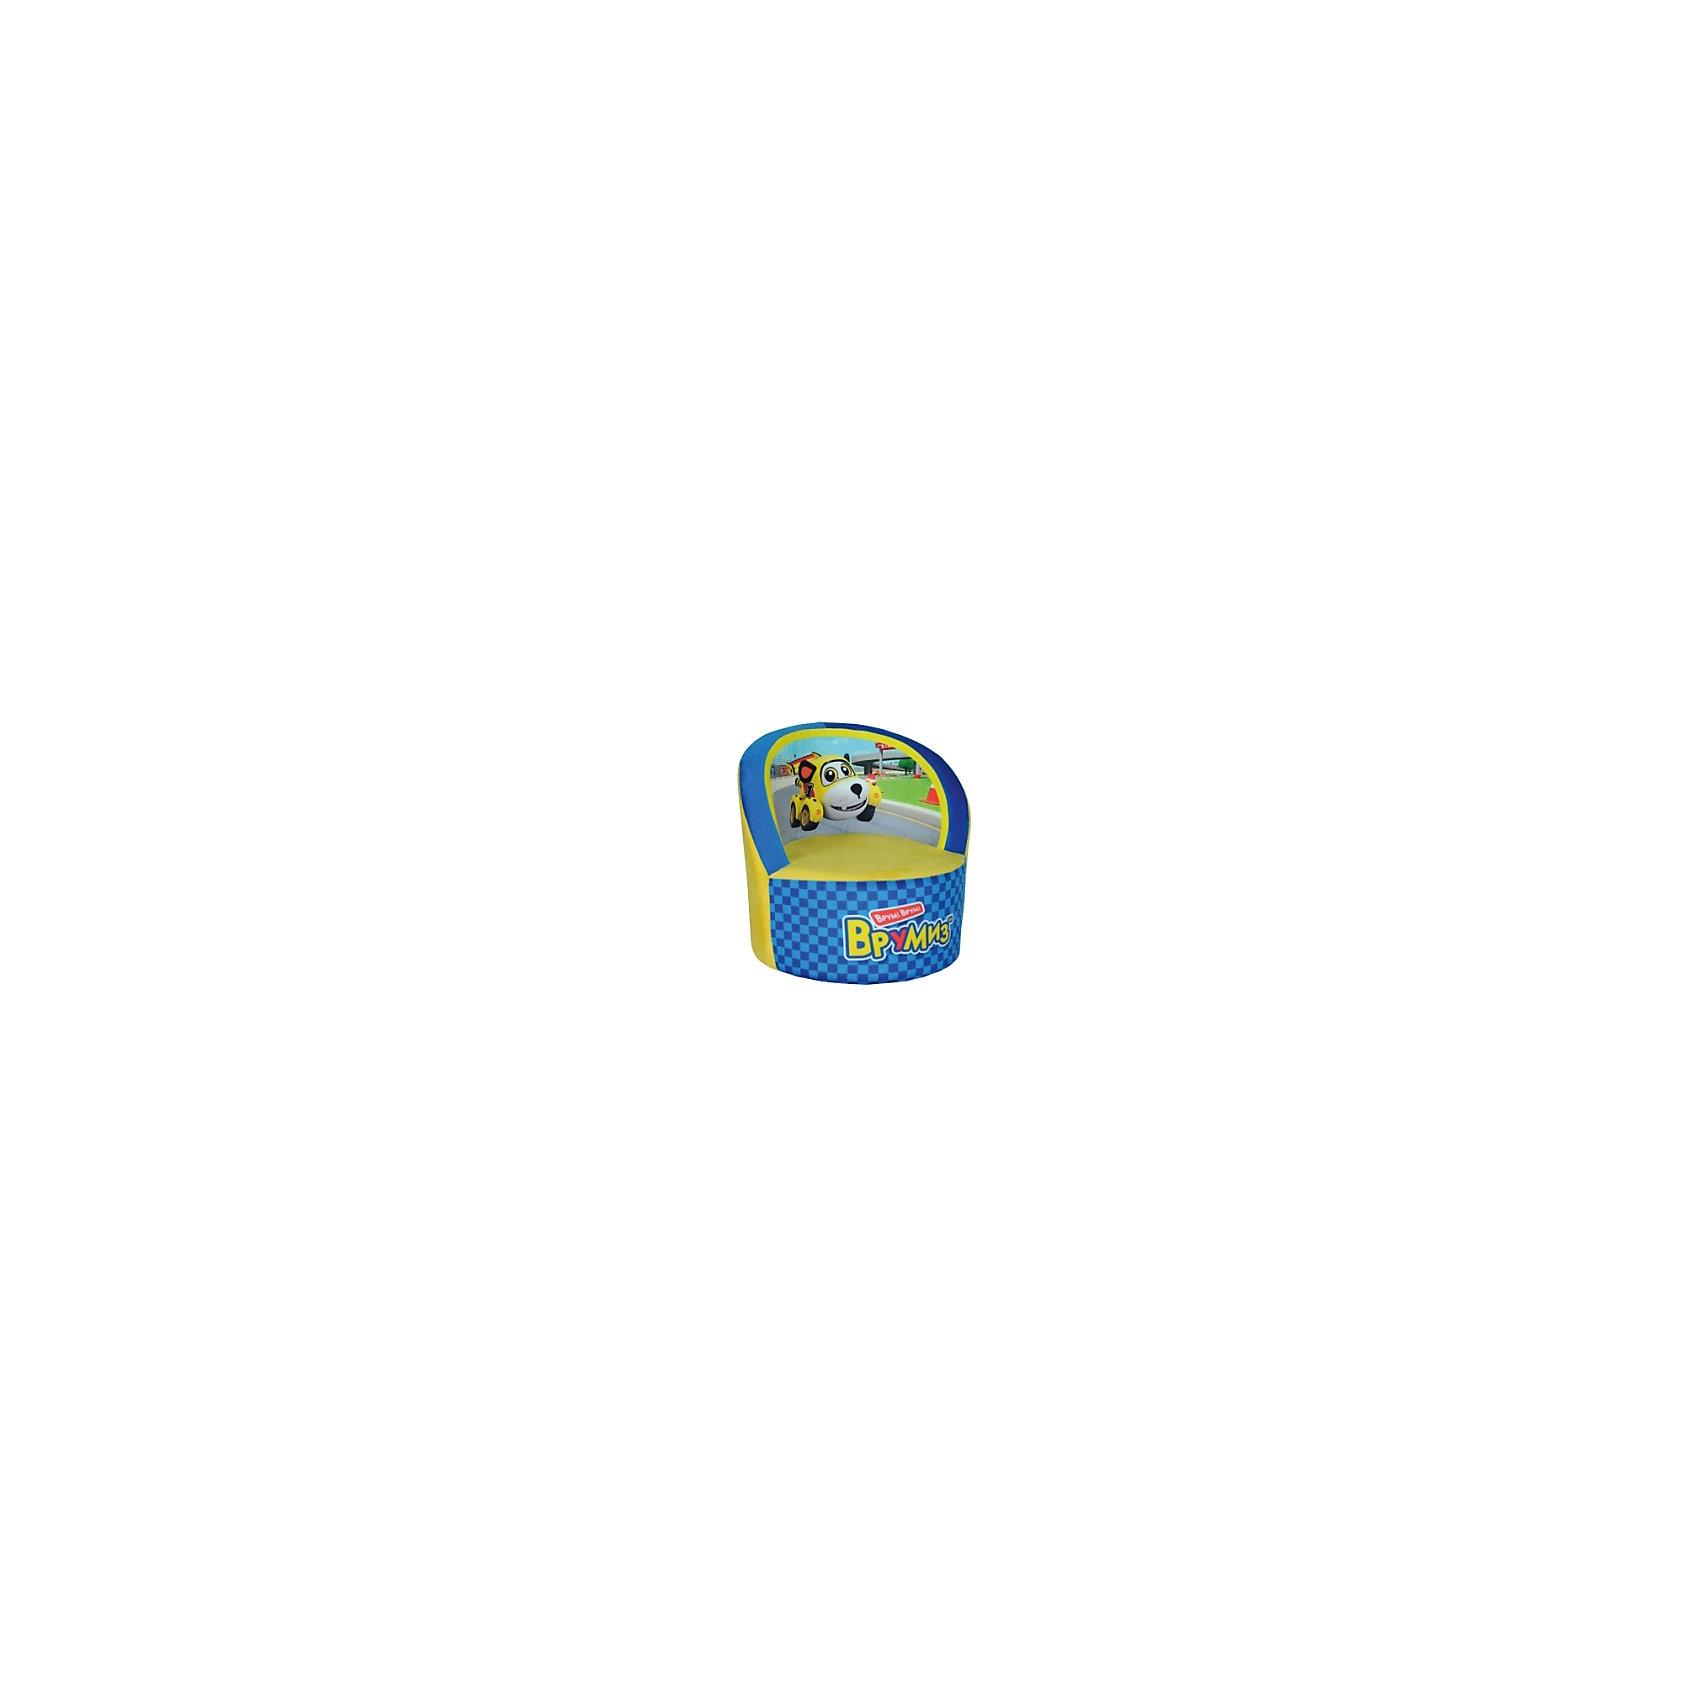 Кресло Врумиз, Small Toys, желтый/синийМебель<br>Характеристики:<br><br>• Материал верх: текстиль, 100% <br>• Материал наполнитель: поролон, 100%<br>• Коллекция: Врумиз<br>• Съемный чехол<br>• Повышенная устойчивость<br>• Эргономичная форма<br>• Вес: 860 г<br>• Размеры (Д*Ш*В): 40*40*45 см<br>• Особенности ухода: сухая и влажная чистка<br><br>Кресло, Врумиз, голубой выполнено в круглой форме, в качестве каркаса использован упругий поролон. Сверху имеется съемный чехол, на который нанесены сюжеты из мультфильма Врумиз. <br><br>Изображение не блекнет и не меняет цвета даже при длительном использовании и частых стирках. Мягкое кресло имеет широкое днище, за счет чего обеспечивается повышенная устойчивость. Подлокотники имеют округую форму. <br><br>Кресло, Врумиз, желтый можно купить в нашем интернет-магазине.<br><br>Ширина мм: 400<br>Глубина мм: 400<br>Высота мм: 450<br>Вес г: 860<br>Возраст от месяцев: 36<br>Возраст до месяцев: 1188<br>Пол: Унисекс<br>Возраст: Детский<br>SKU: 6727943